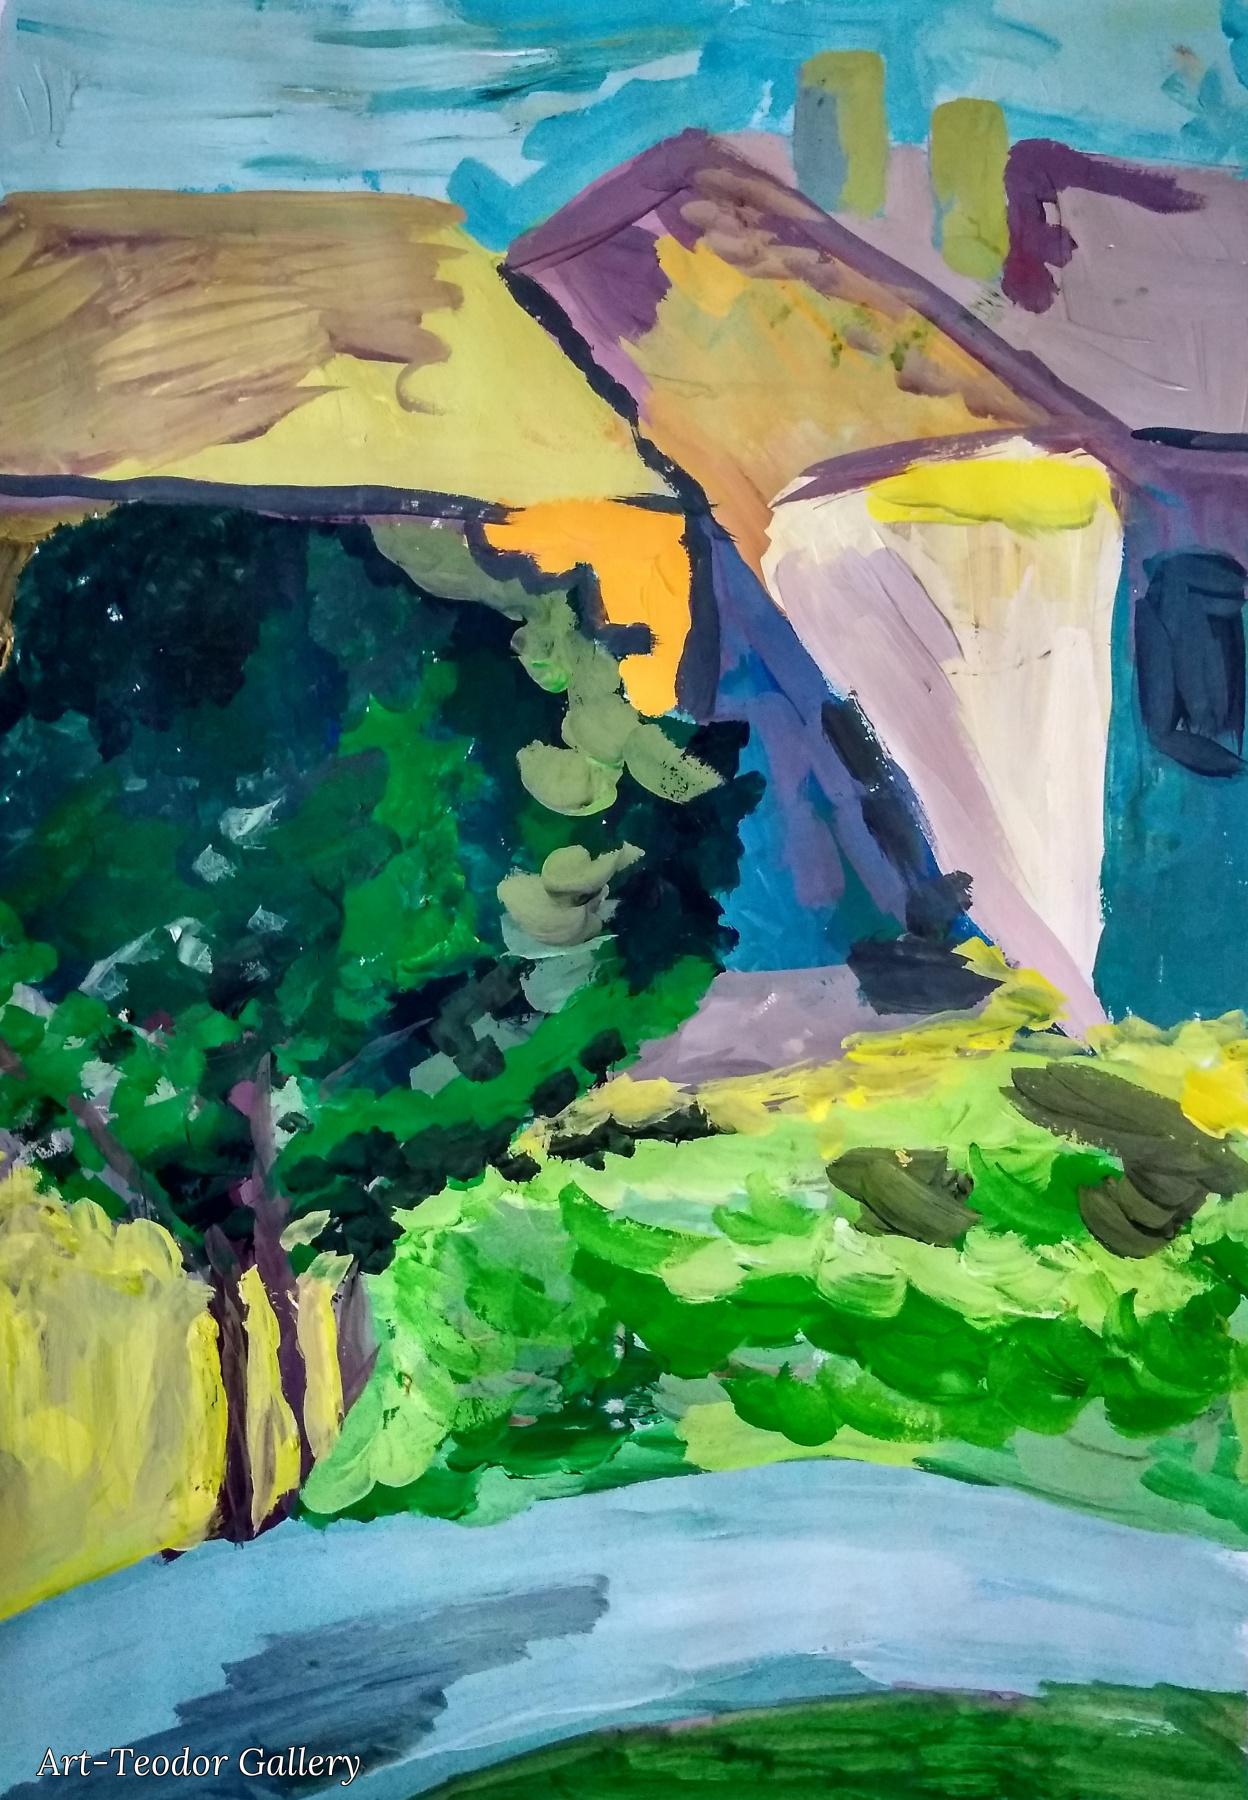 Art-Teodor Gallery. Этюд гуашью Вид из окна